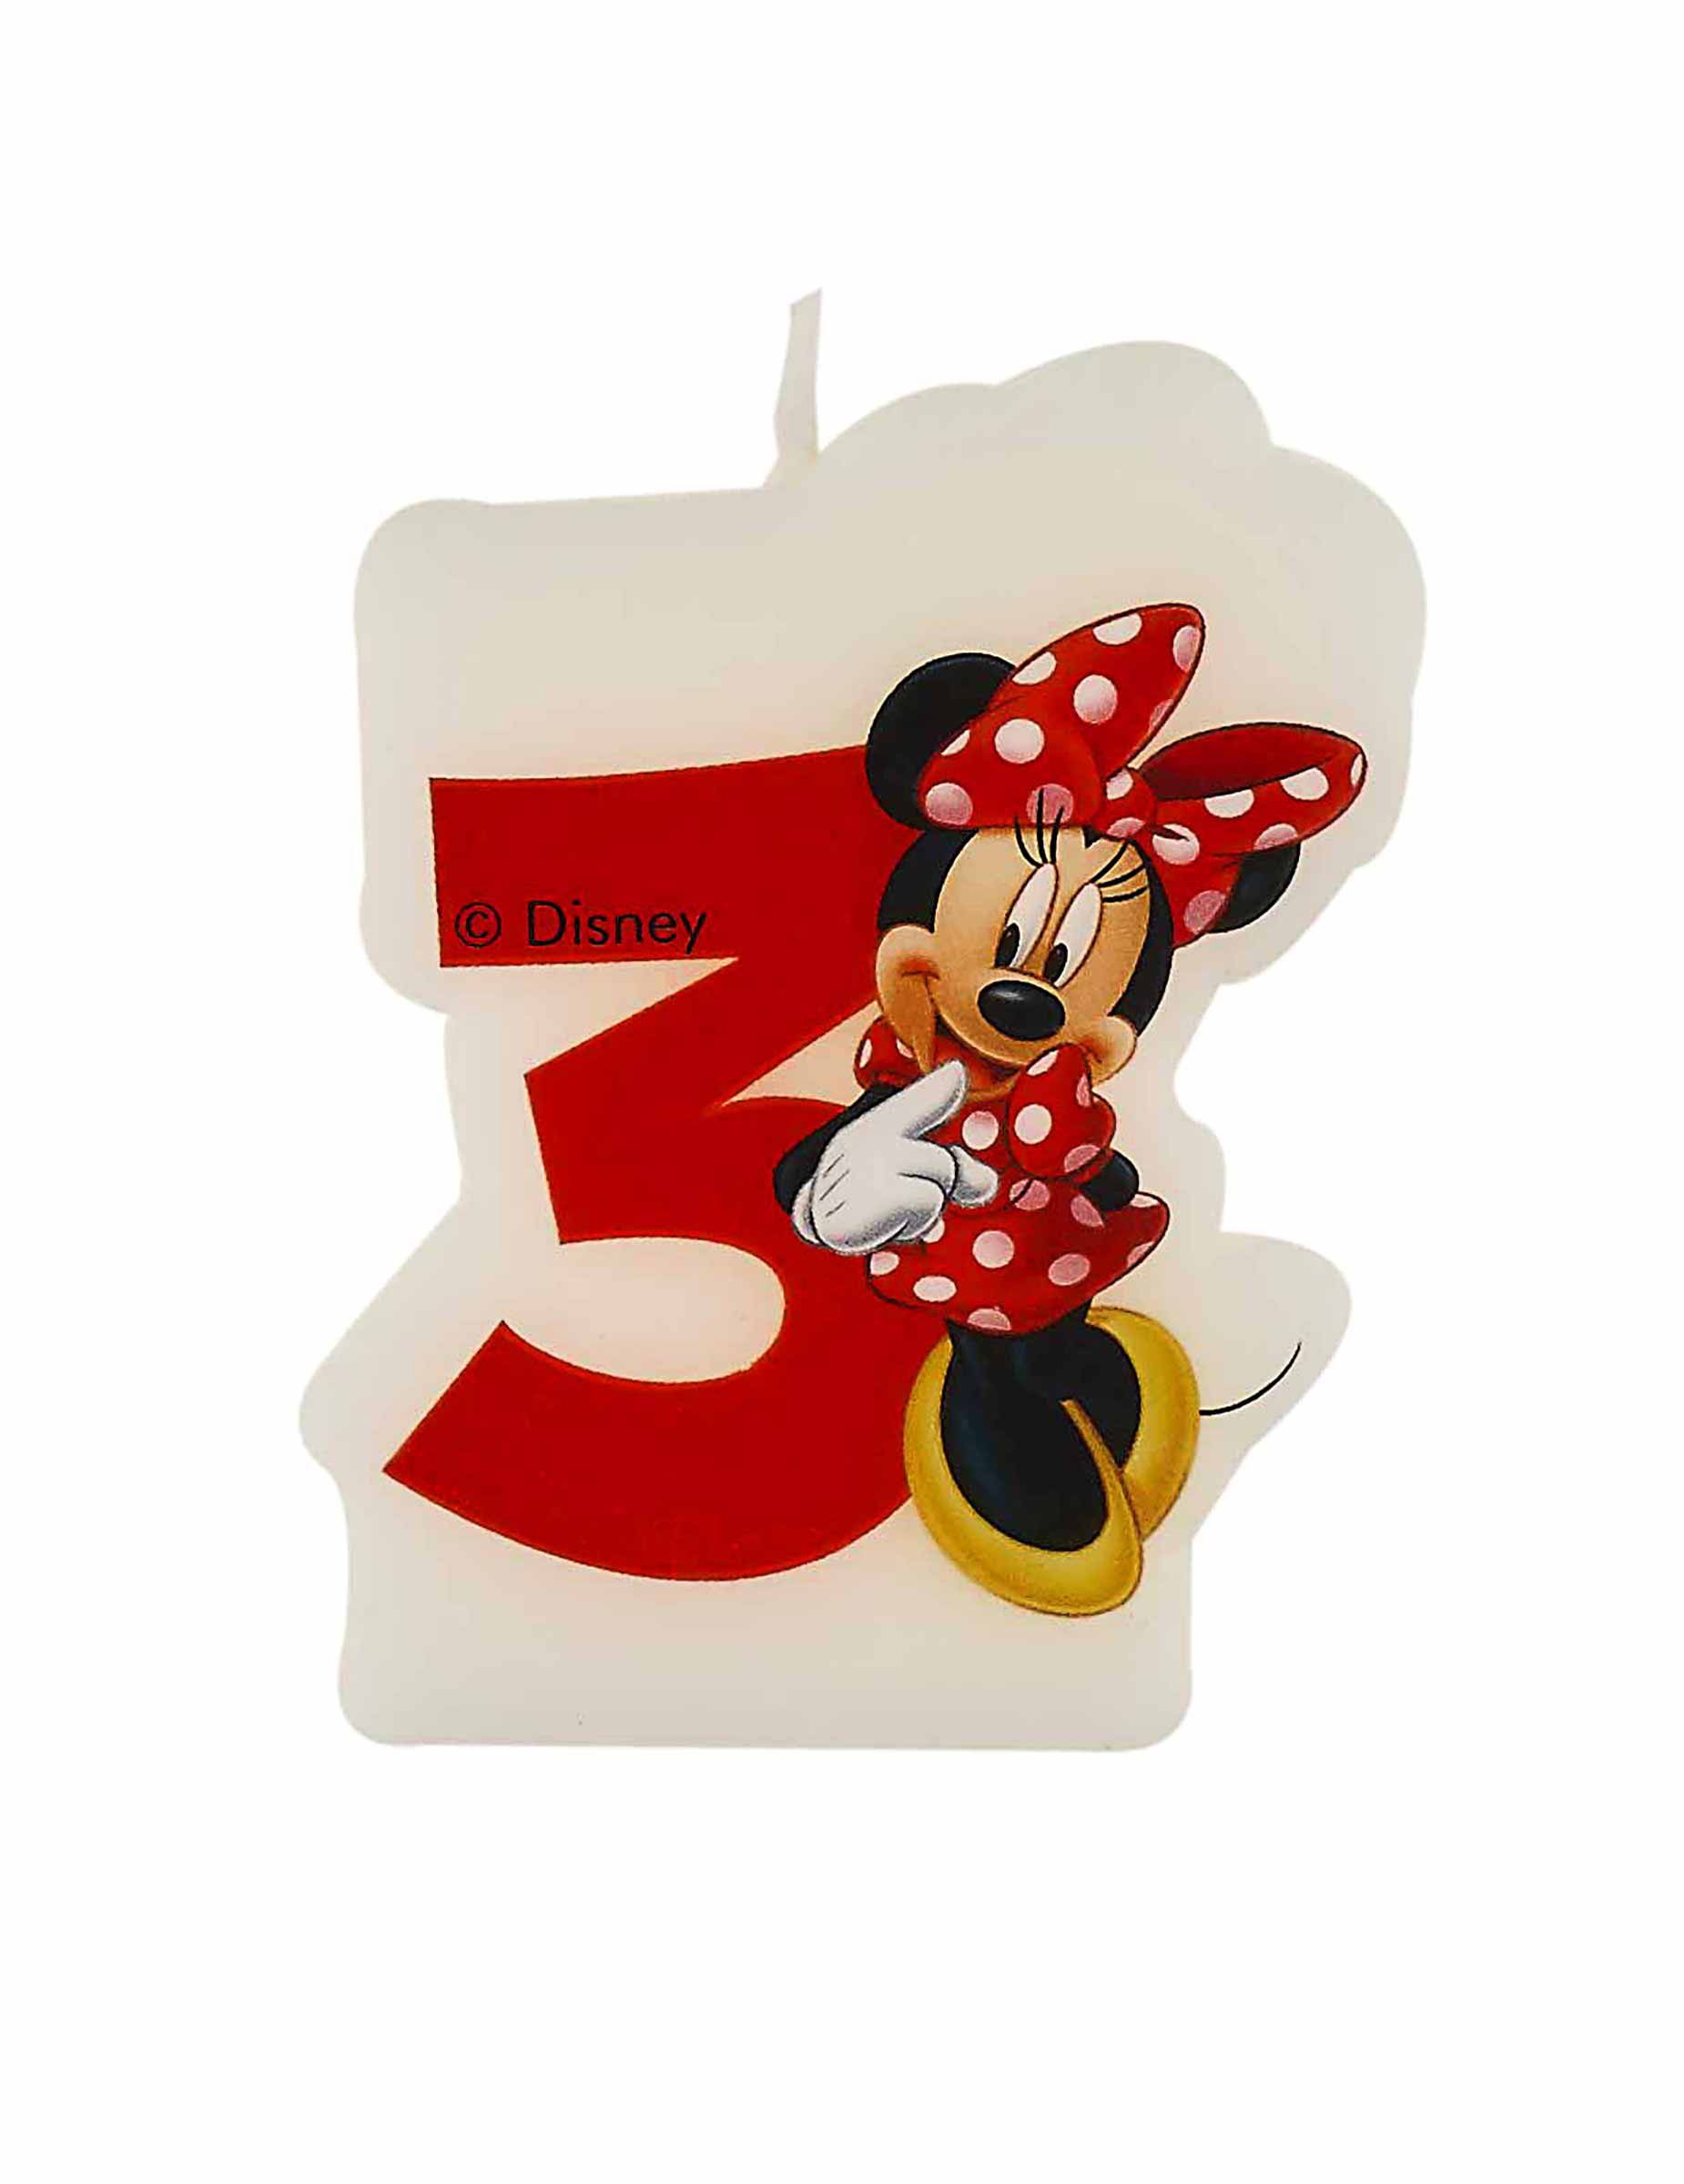 Bougie D'Anniversaire 3 Ans Minnie™, Décoration pour Gateau Anniversaire 3 Bougies